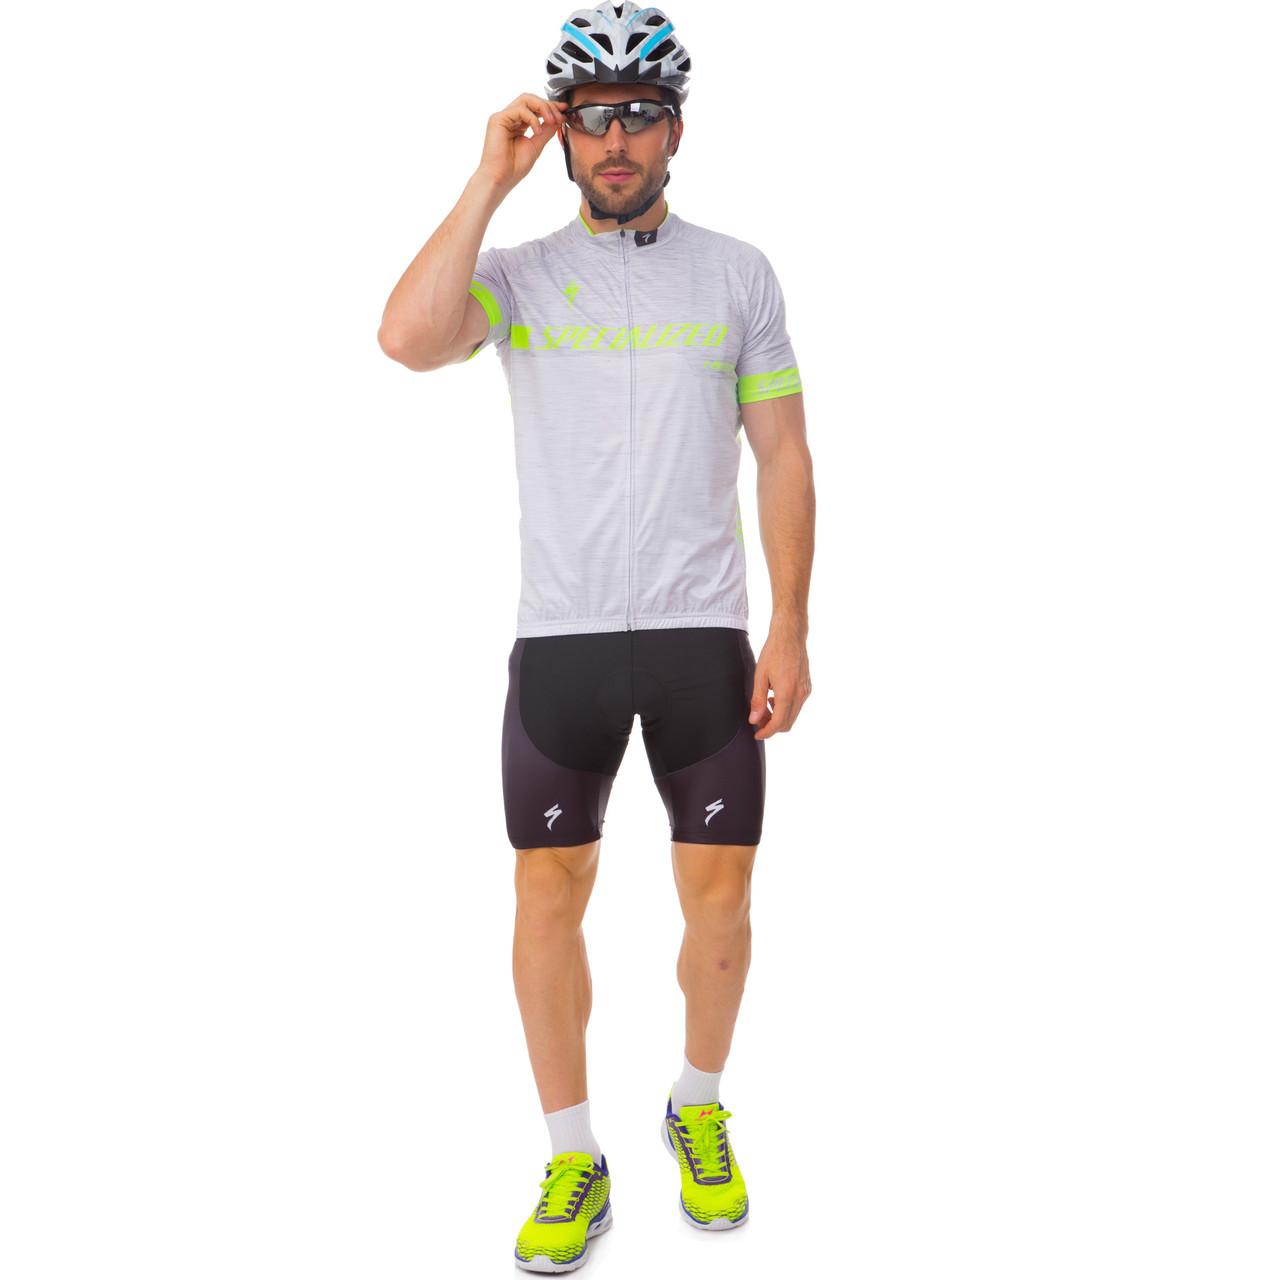 Велоформа короткий рукав с лямками SPECIALIZED (M-3XL-55-90кг-168-192см, серый-черный) M-55-65кг-168-175см PZ-Y-128_1